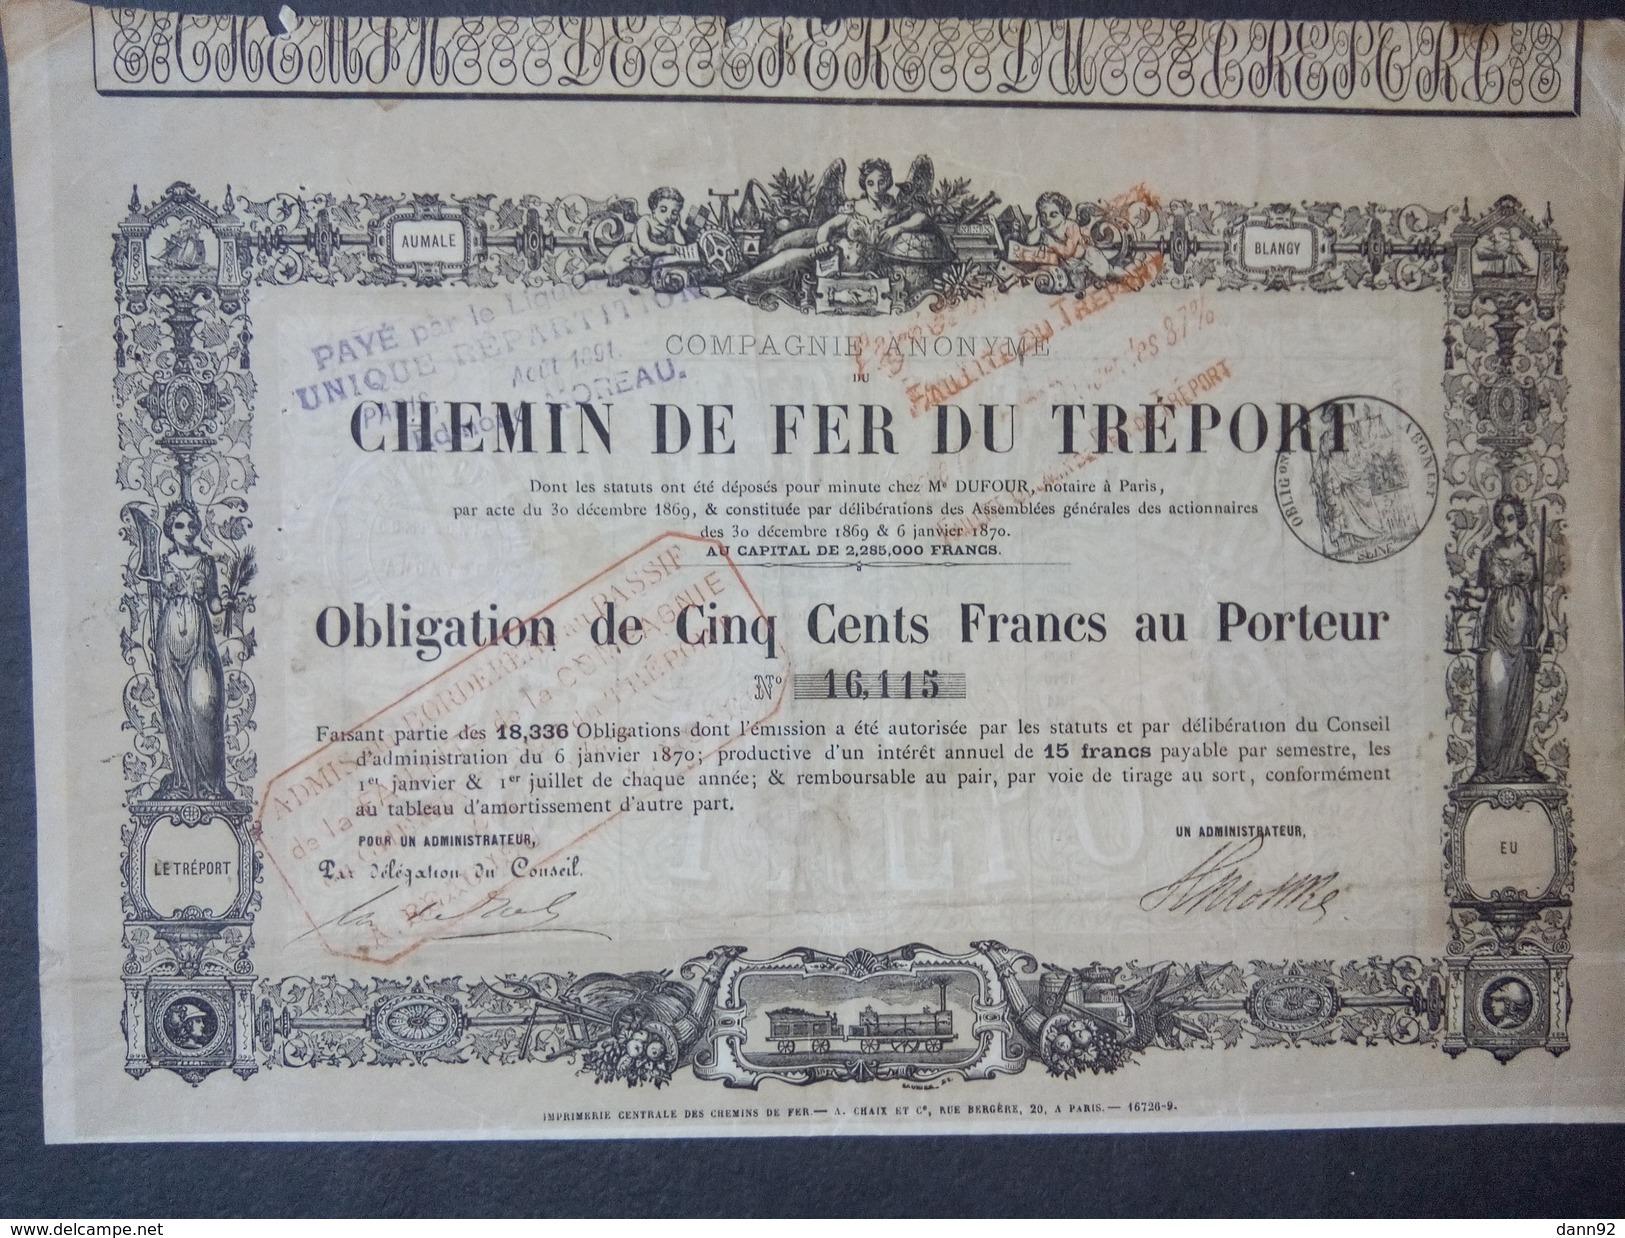 1 Chemin De Fer TREPORT 1869 Obligation 500 FR + Coupons - Autres